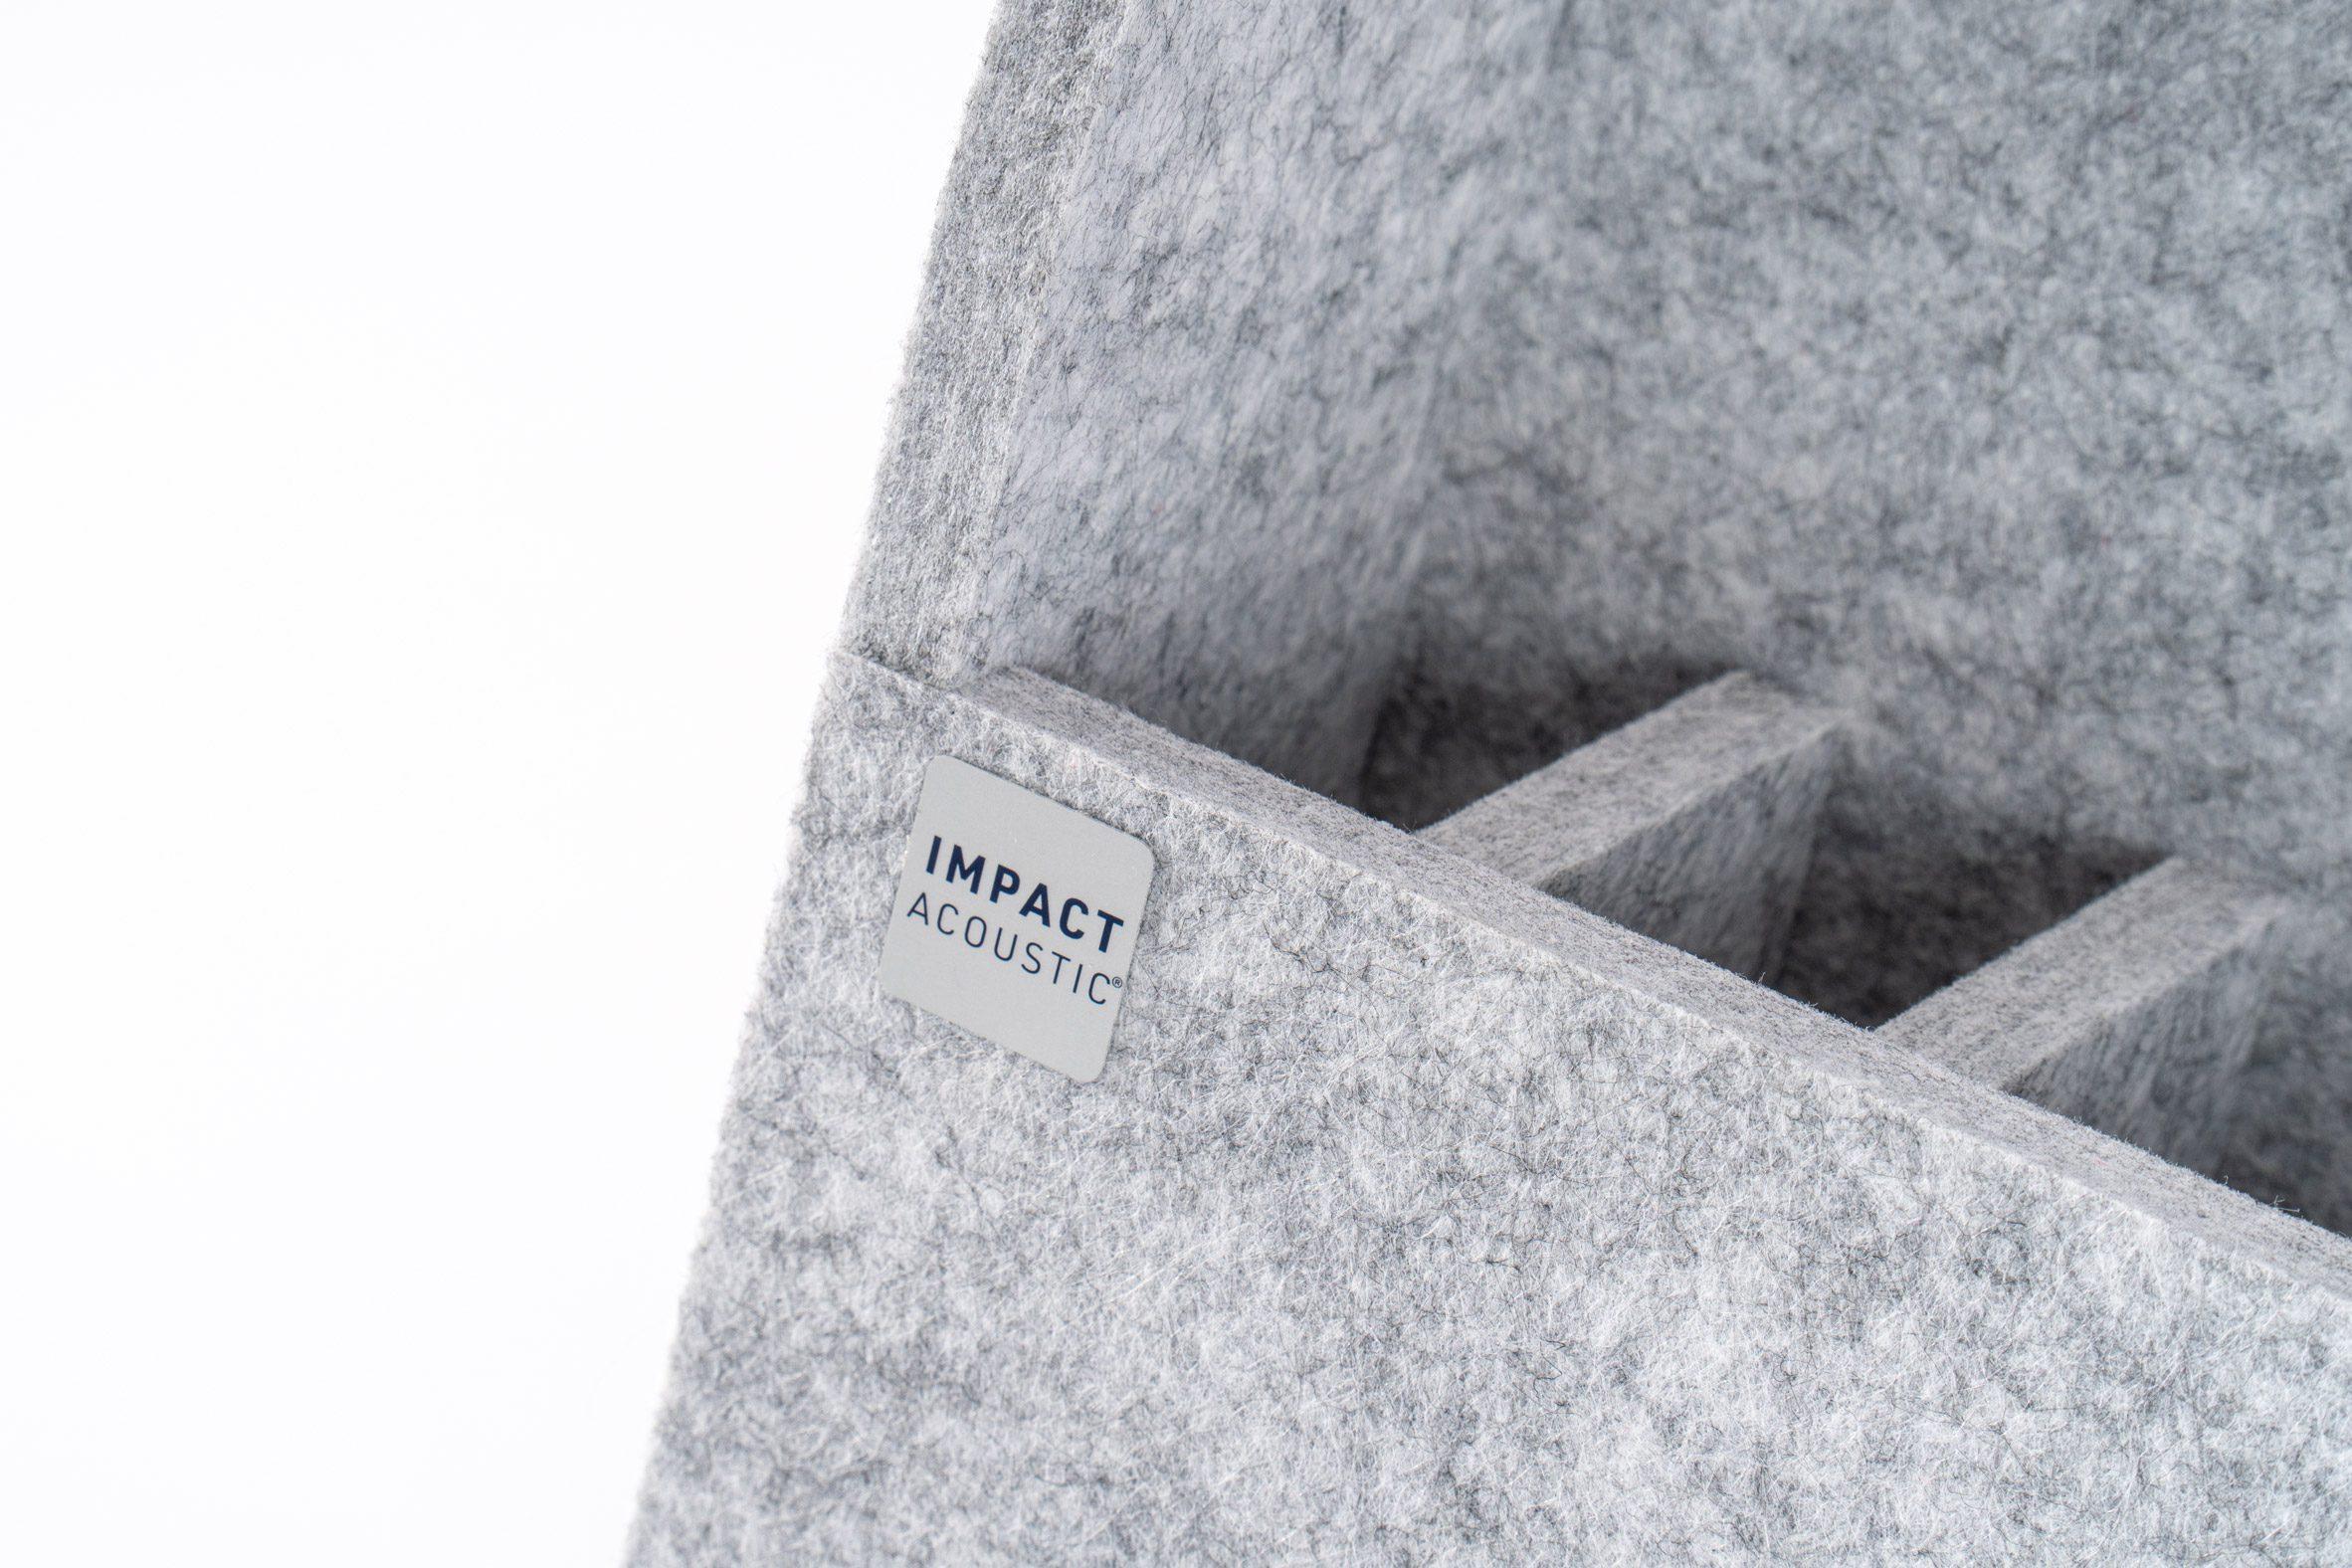 Акустический органайзер для рабочего стола TwoWay от Impact Acoustic из серого фетра